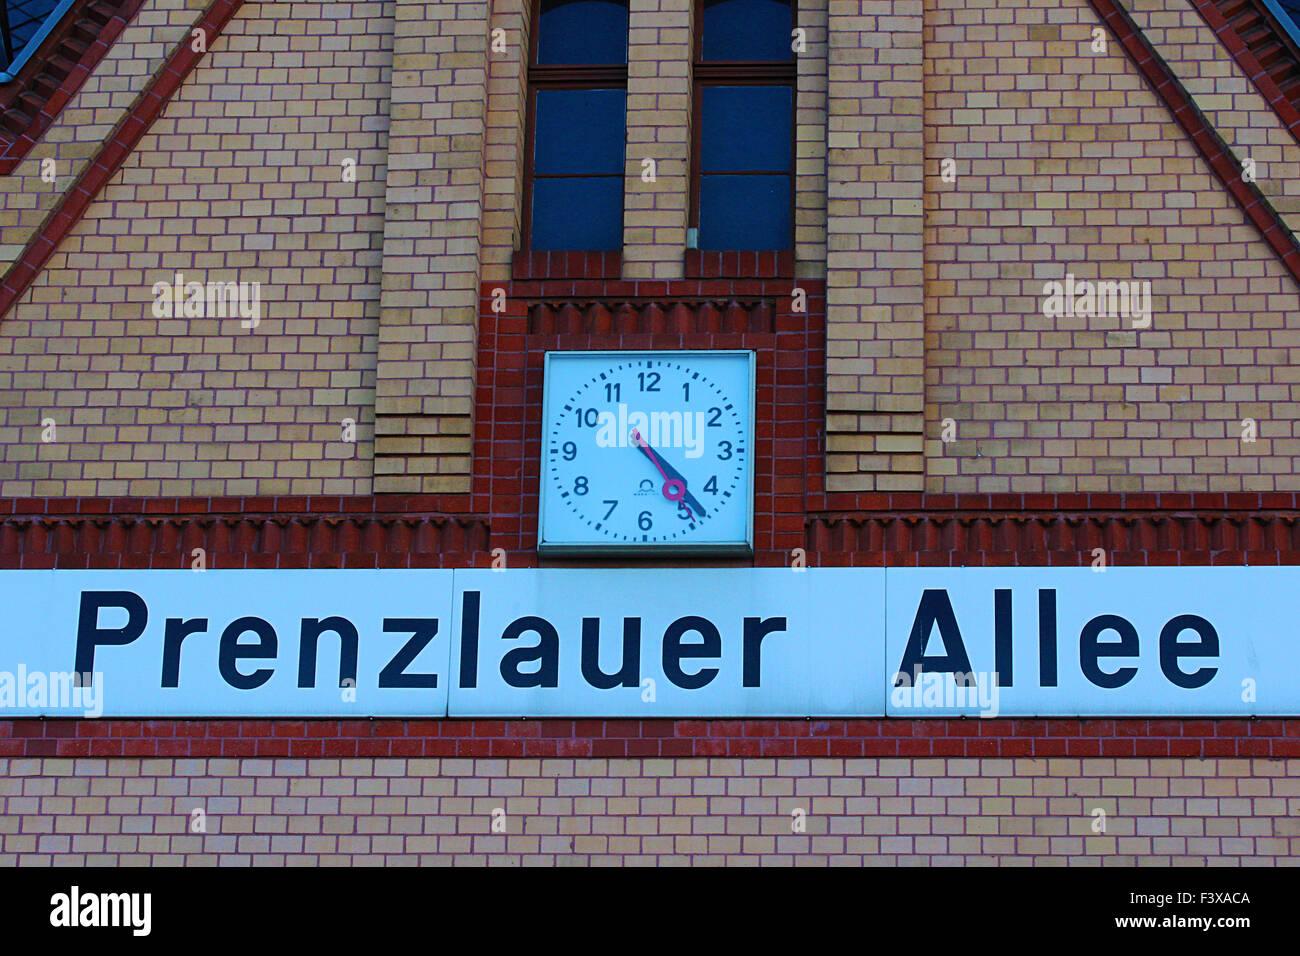 station in berlin prenzlauer berg - Stock Image